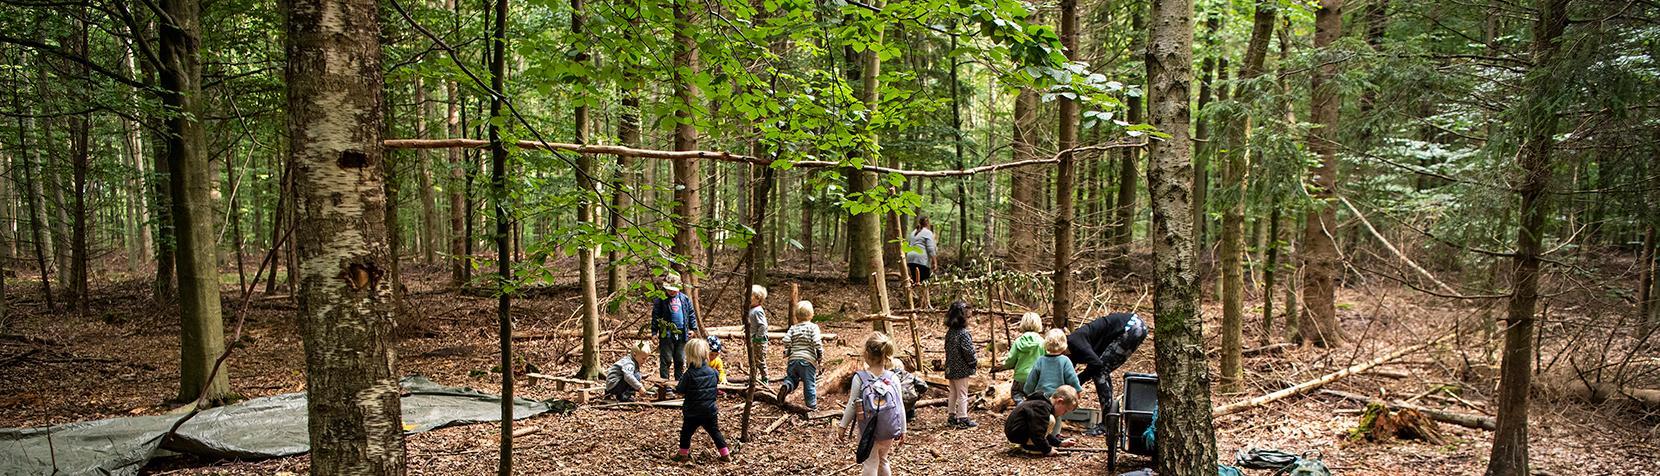 Børn fra skovbørnehave leger i skoven